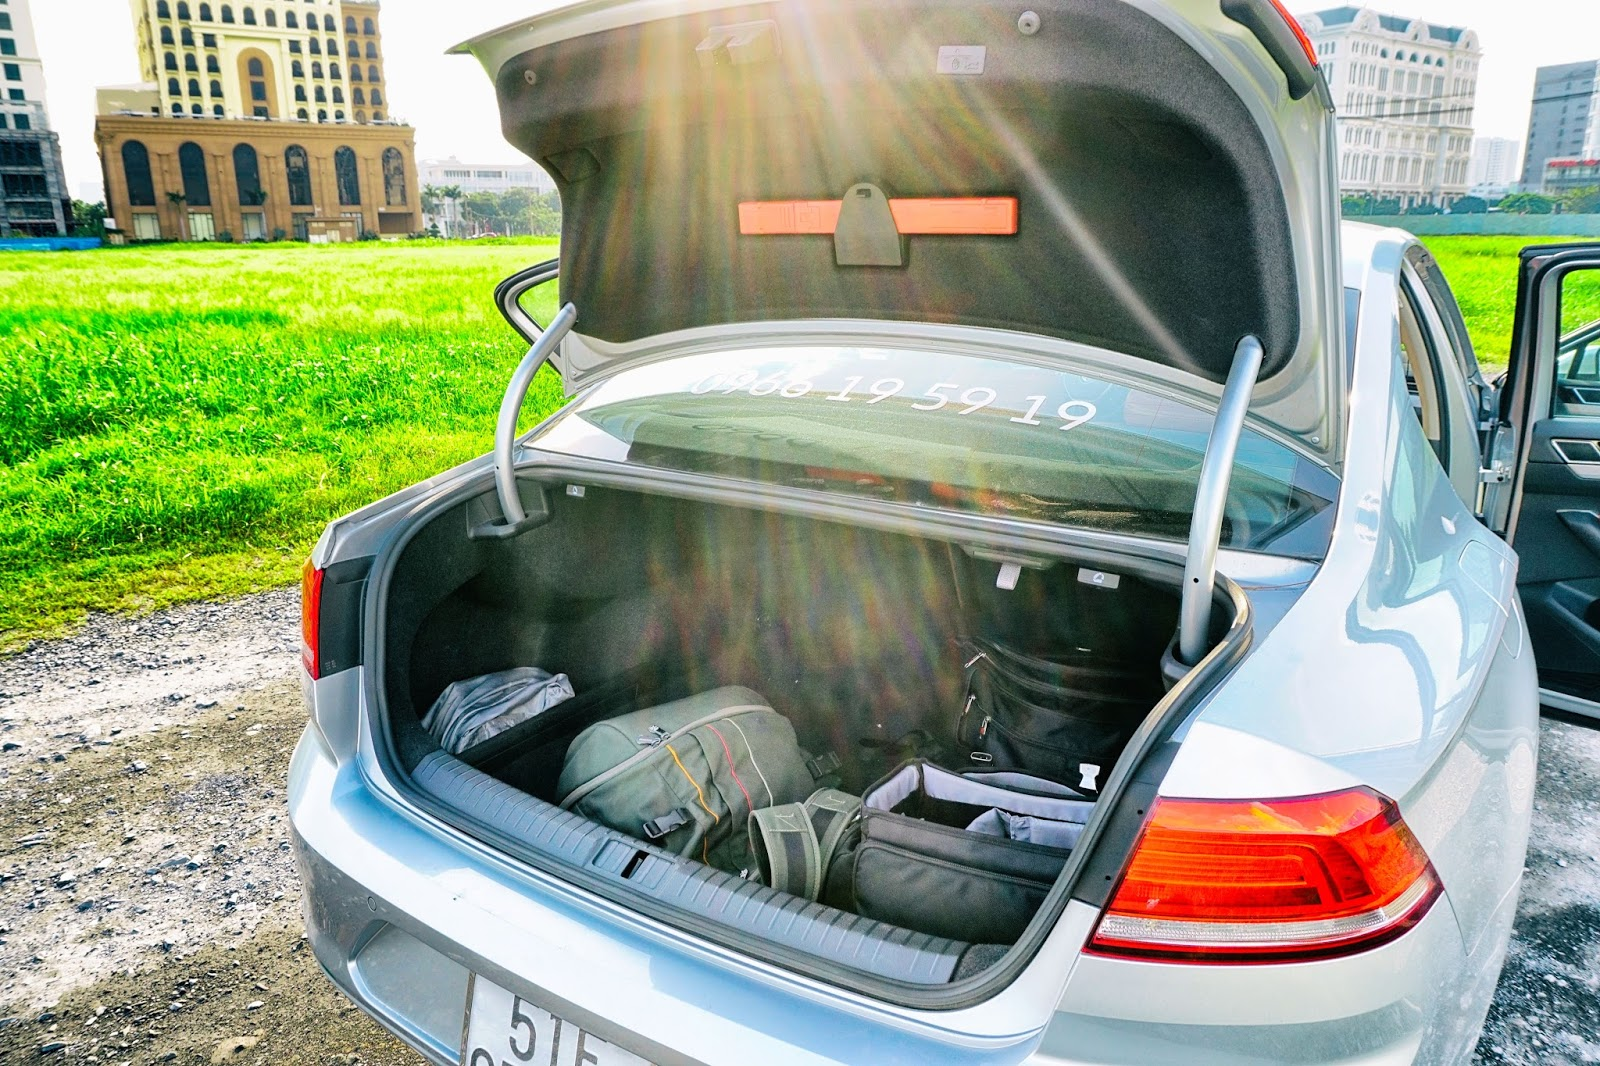 Cốp hành lý chỉnh điện, điều khiển bằng chìa khóa thông minh, rất rộng rãi